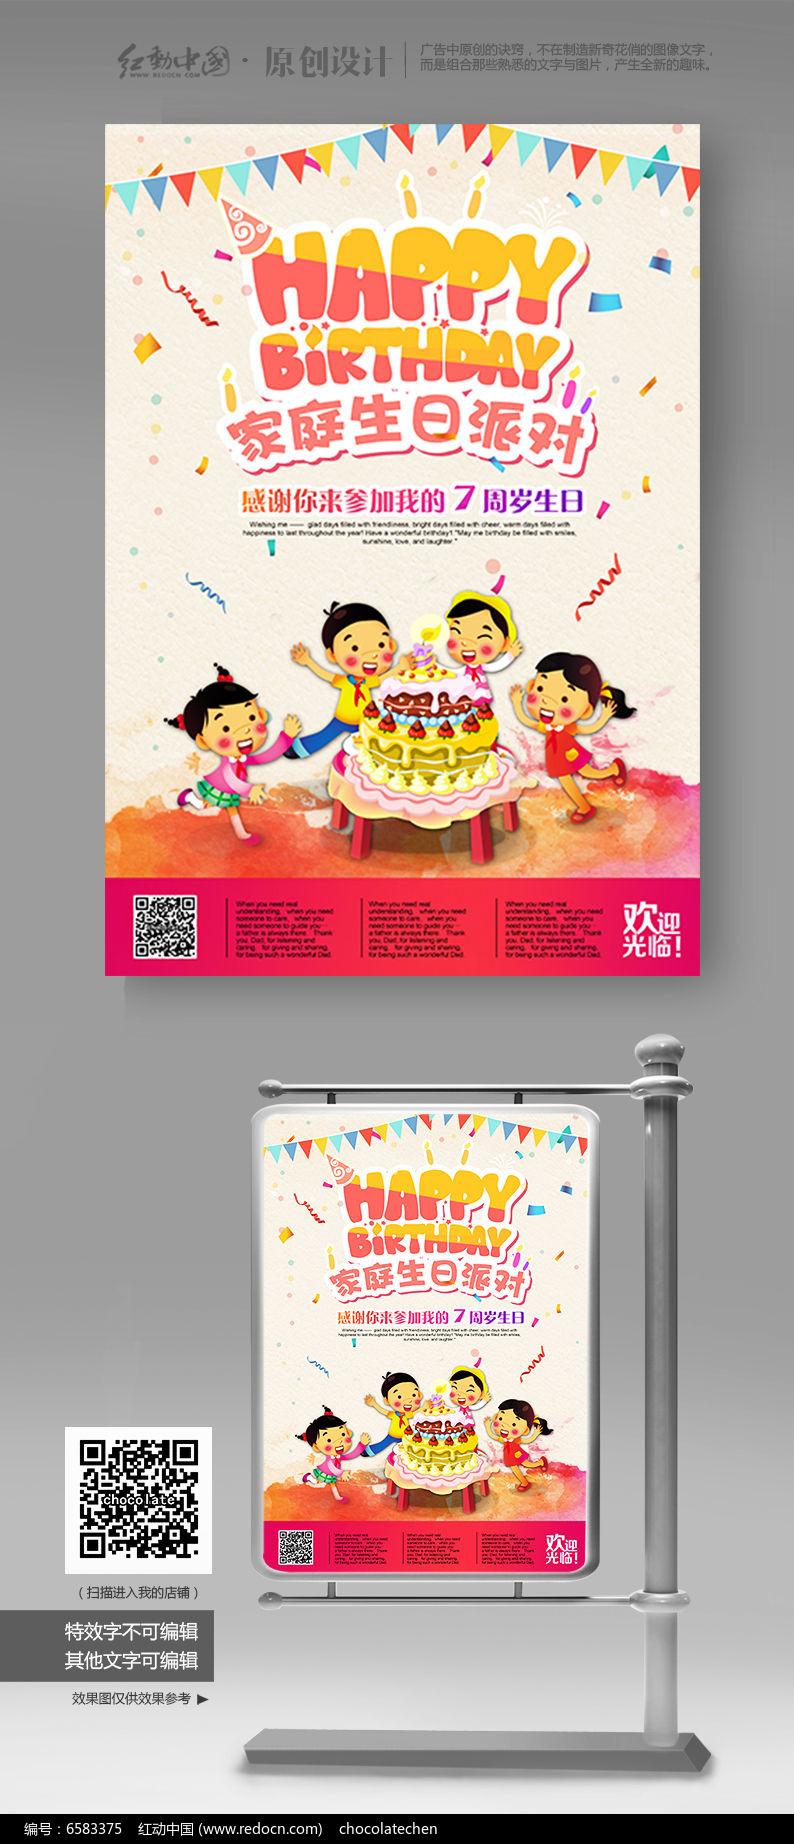 创意儿童聚会生日派对海报图片